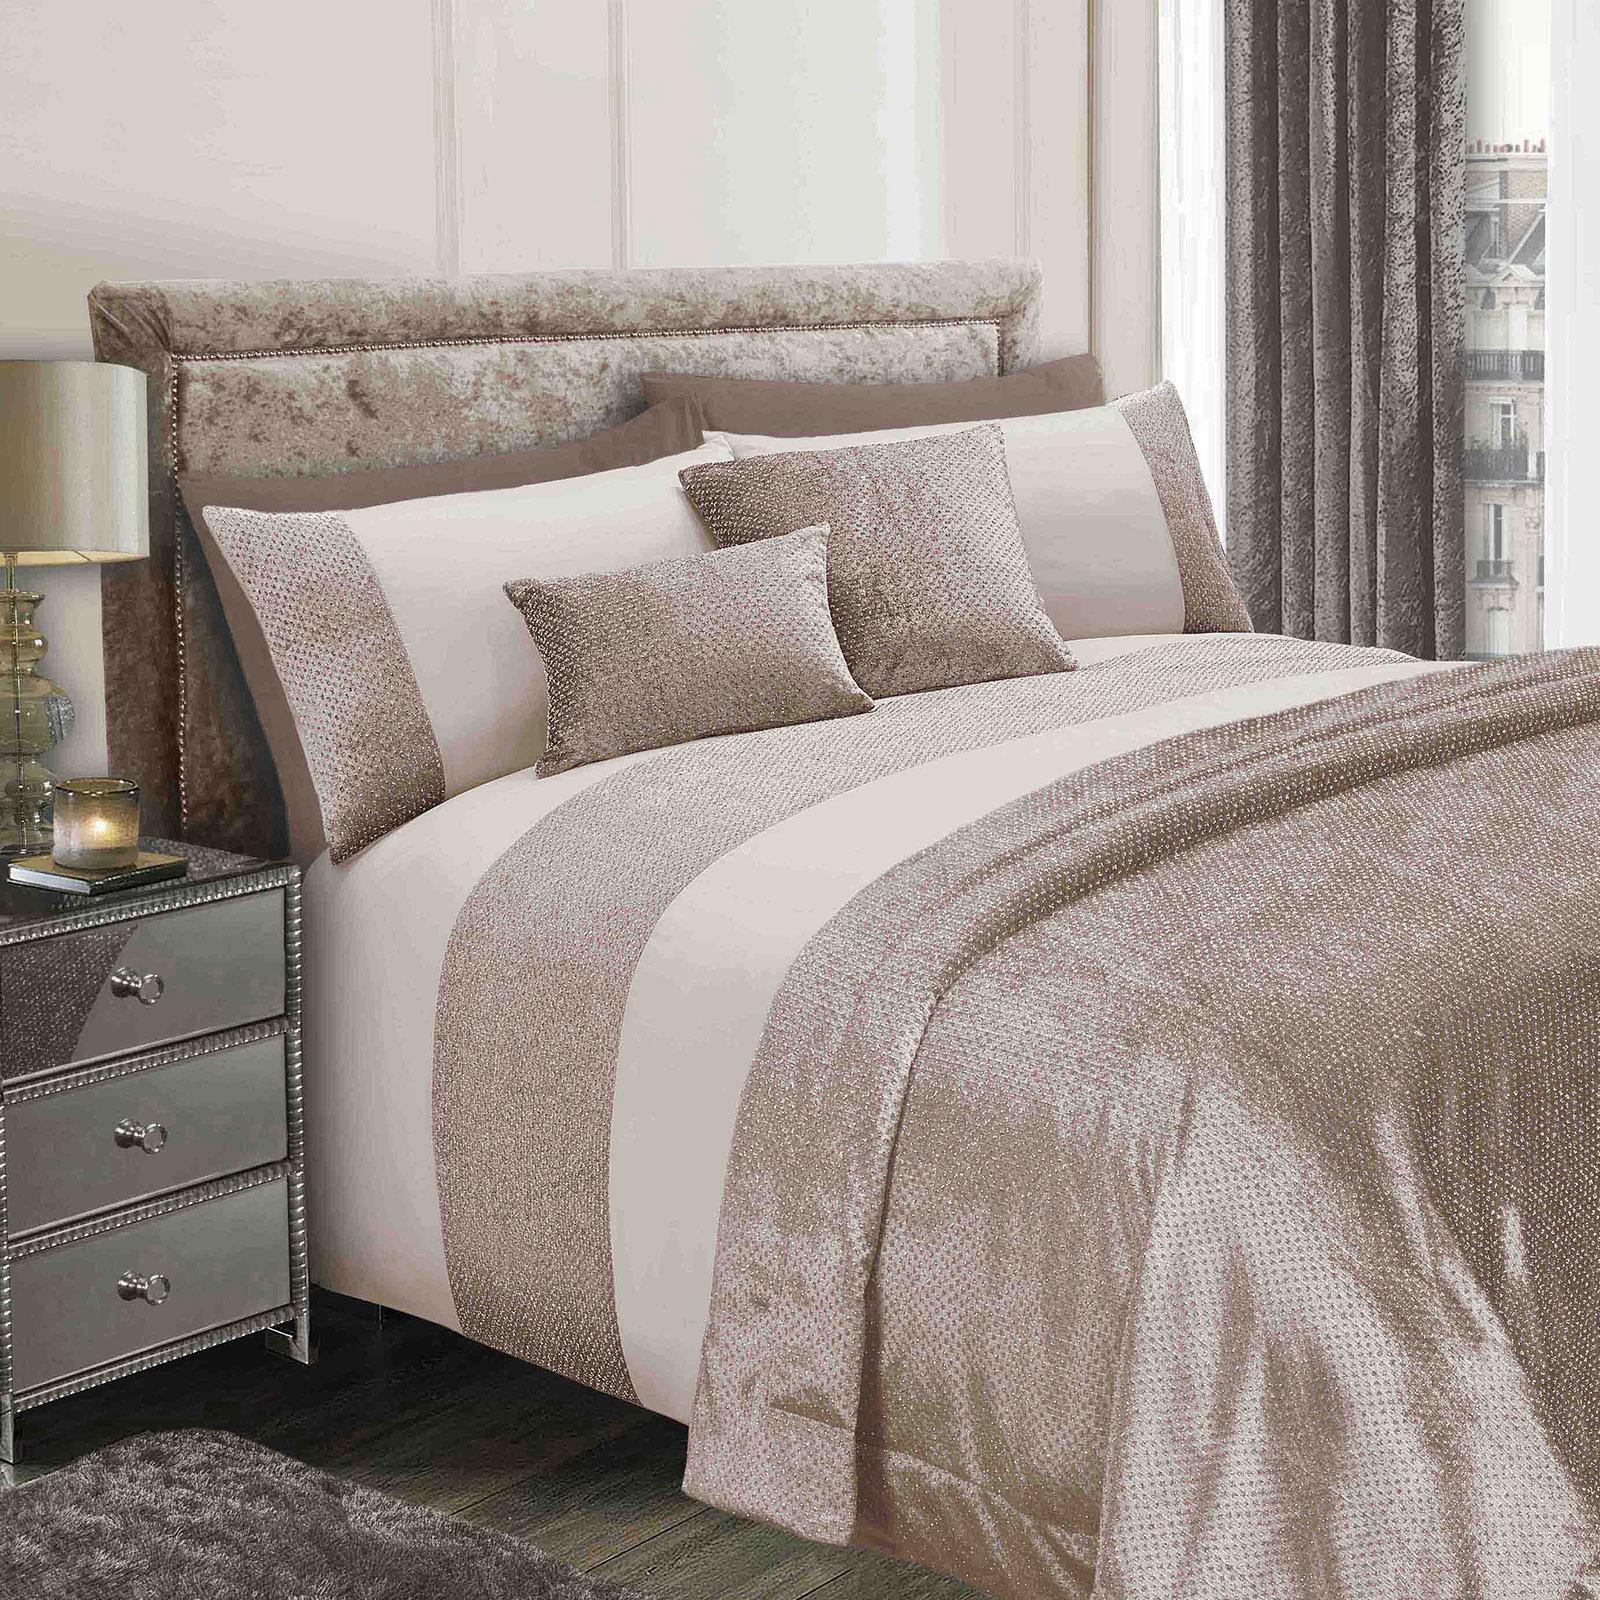 sienna glitter velvet duvet cover with pillowcase bedding. Black Bedroom Furniture Sets. Home Design Ideas